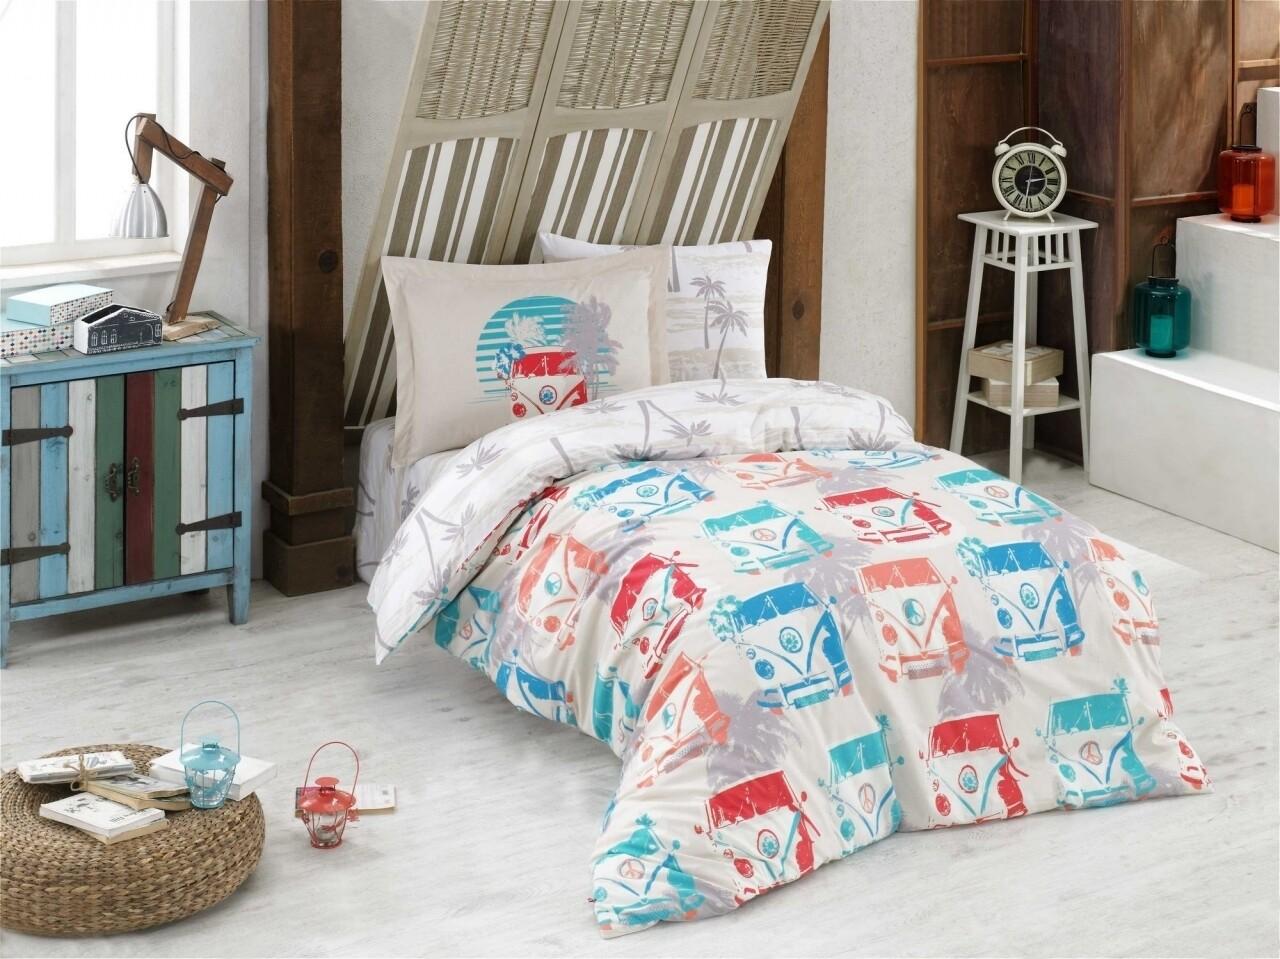 Lenjerie de pat pentru o persoana, 3 piese, 100% bumbac poplin, Hobby, Renata Cream, multicolora